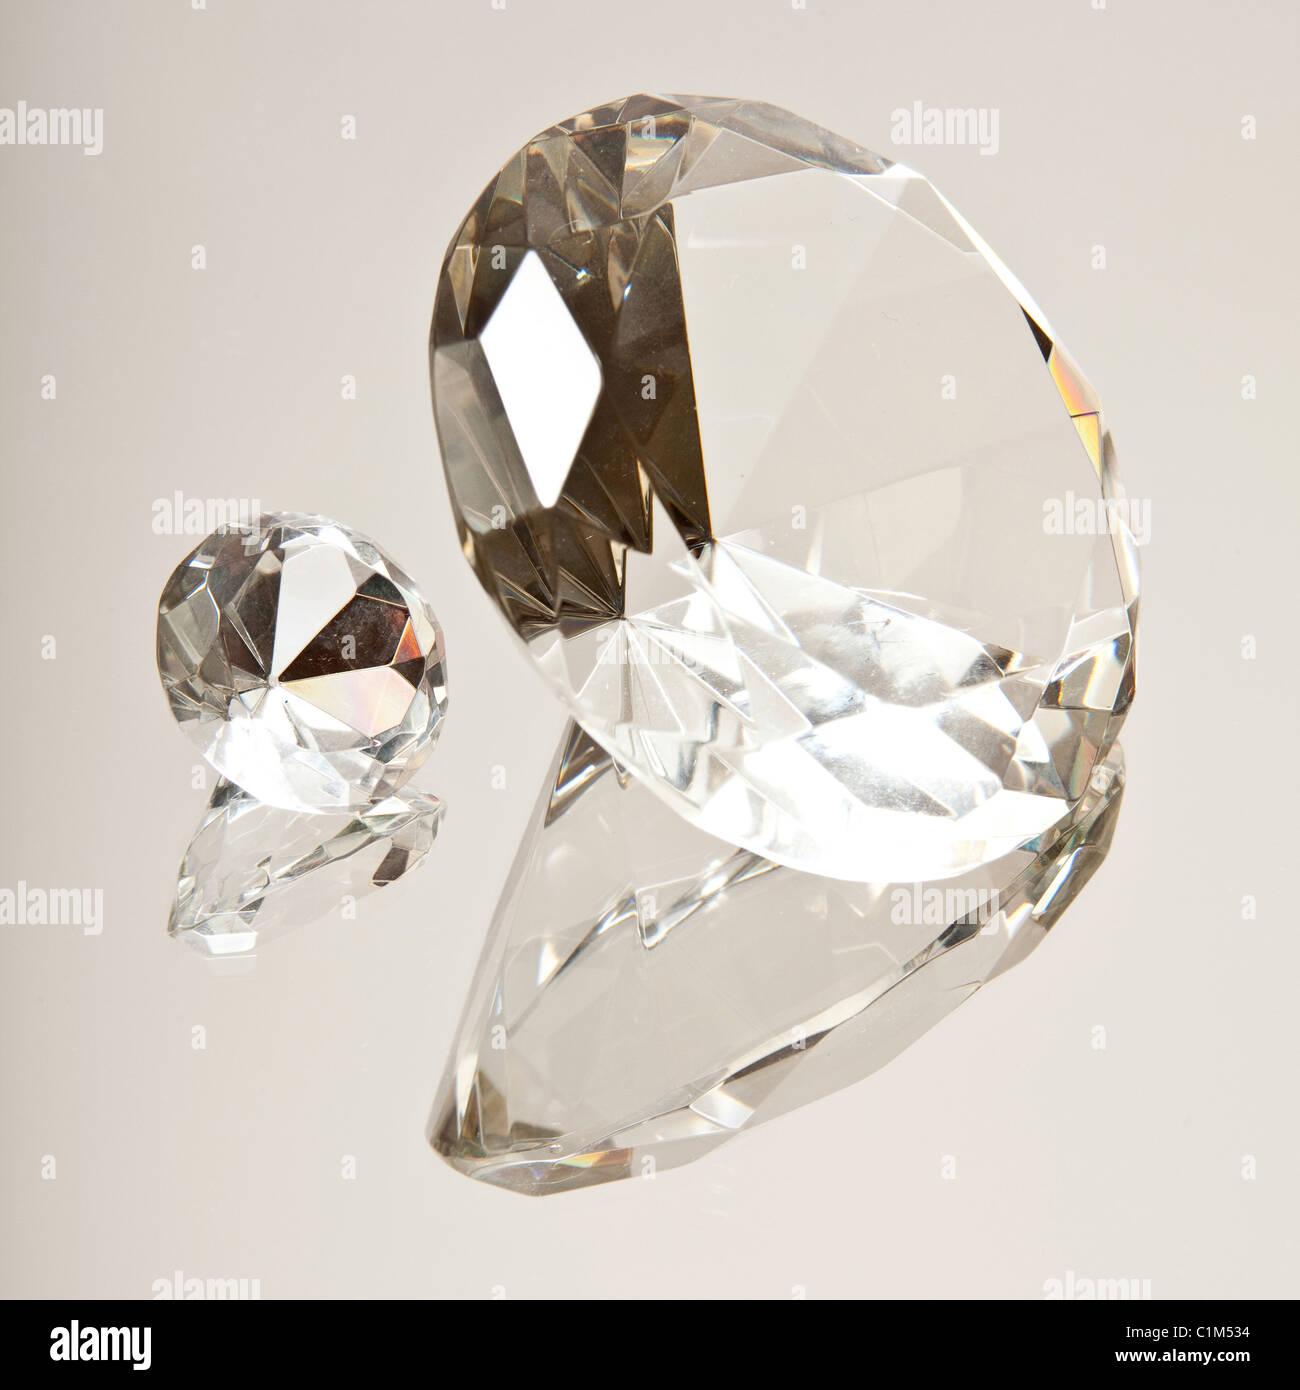 Los diamantes en una superficie reflejada Imagen De Stock